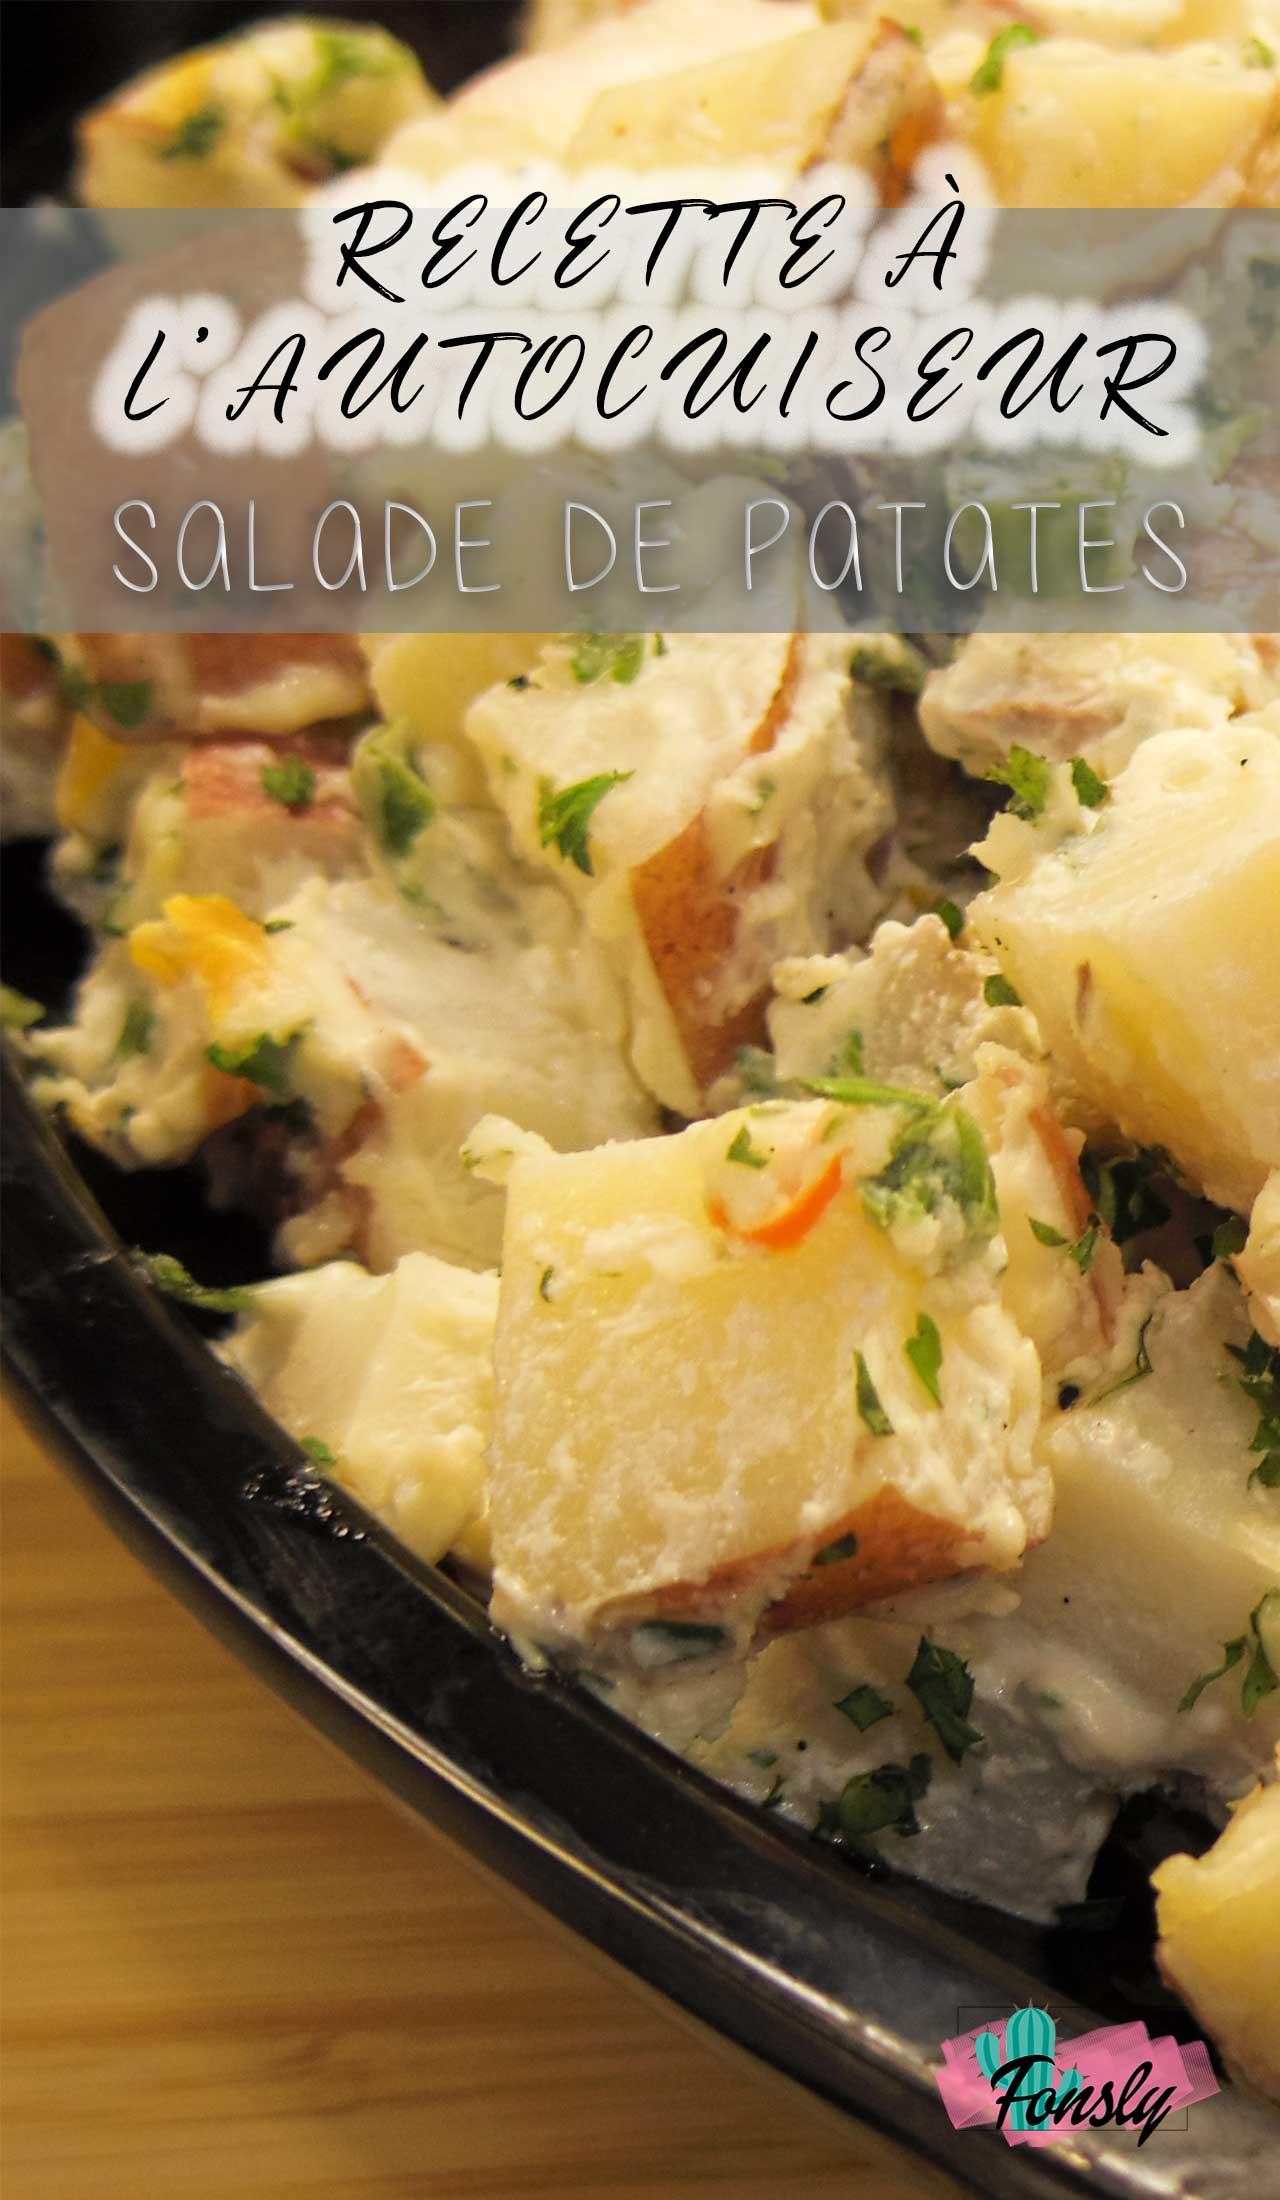 recette salade de patates, recette pour autocuiseur